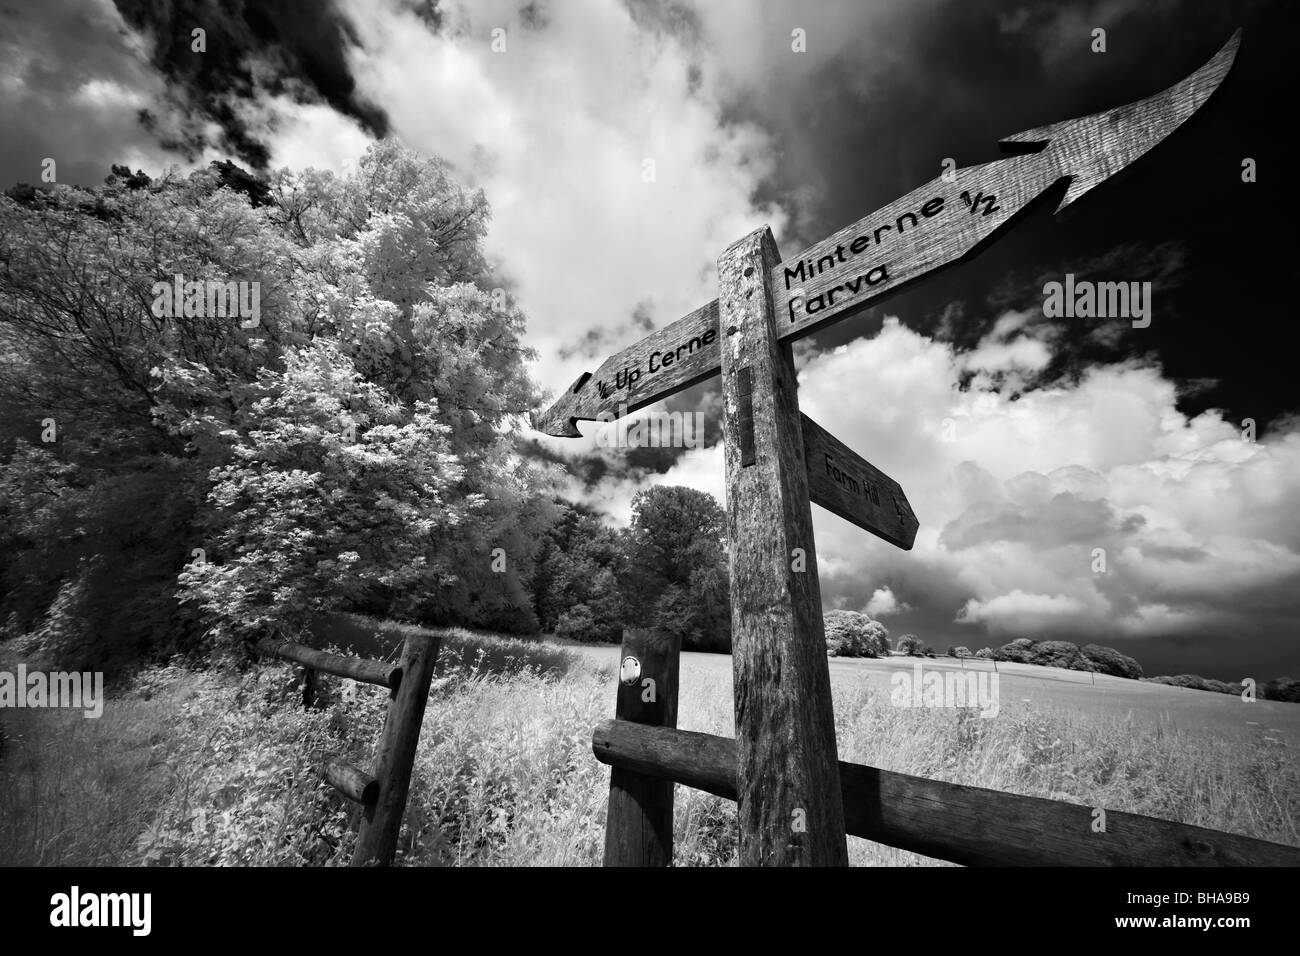 Cartel en un carril del país, nr de Cerne, Dorset, Inglaterra, Reino Unido. Imagen De Stock